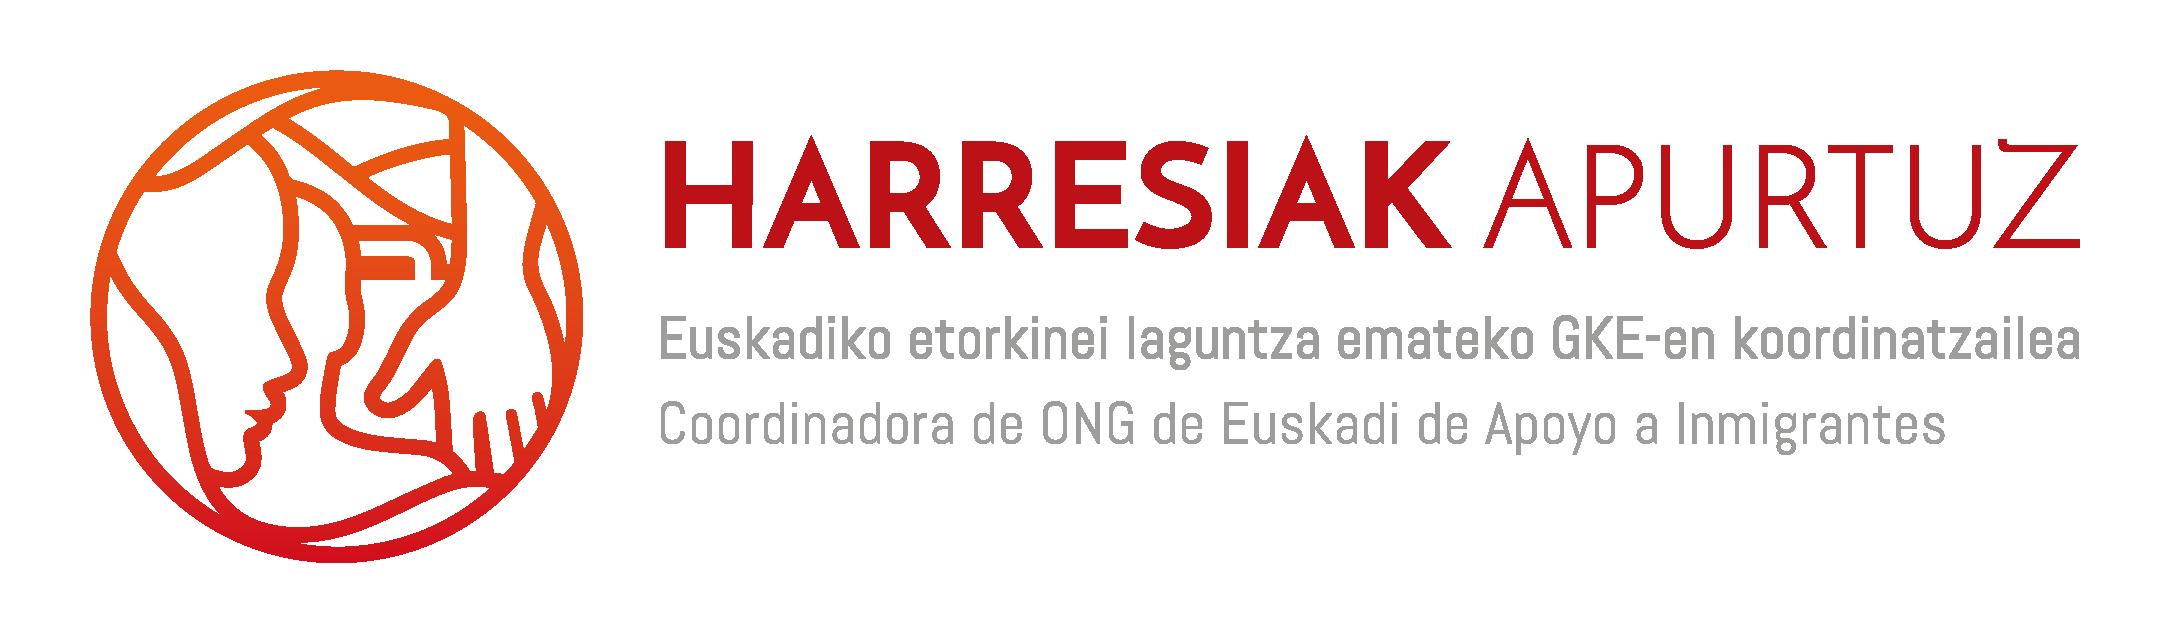 Coordinadora de ONG de Euskadi de apoyo a inmigrantes